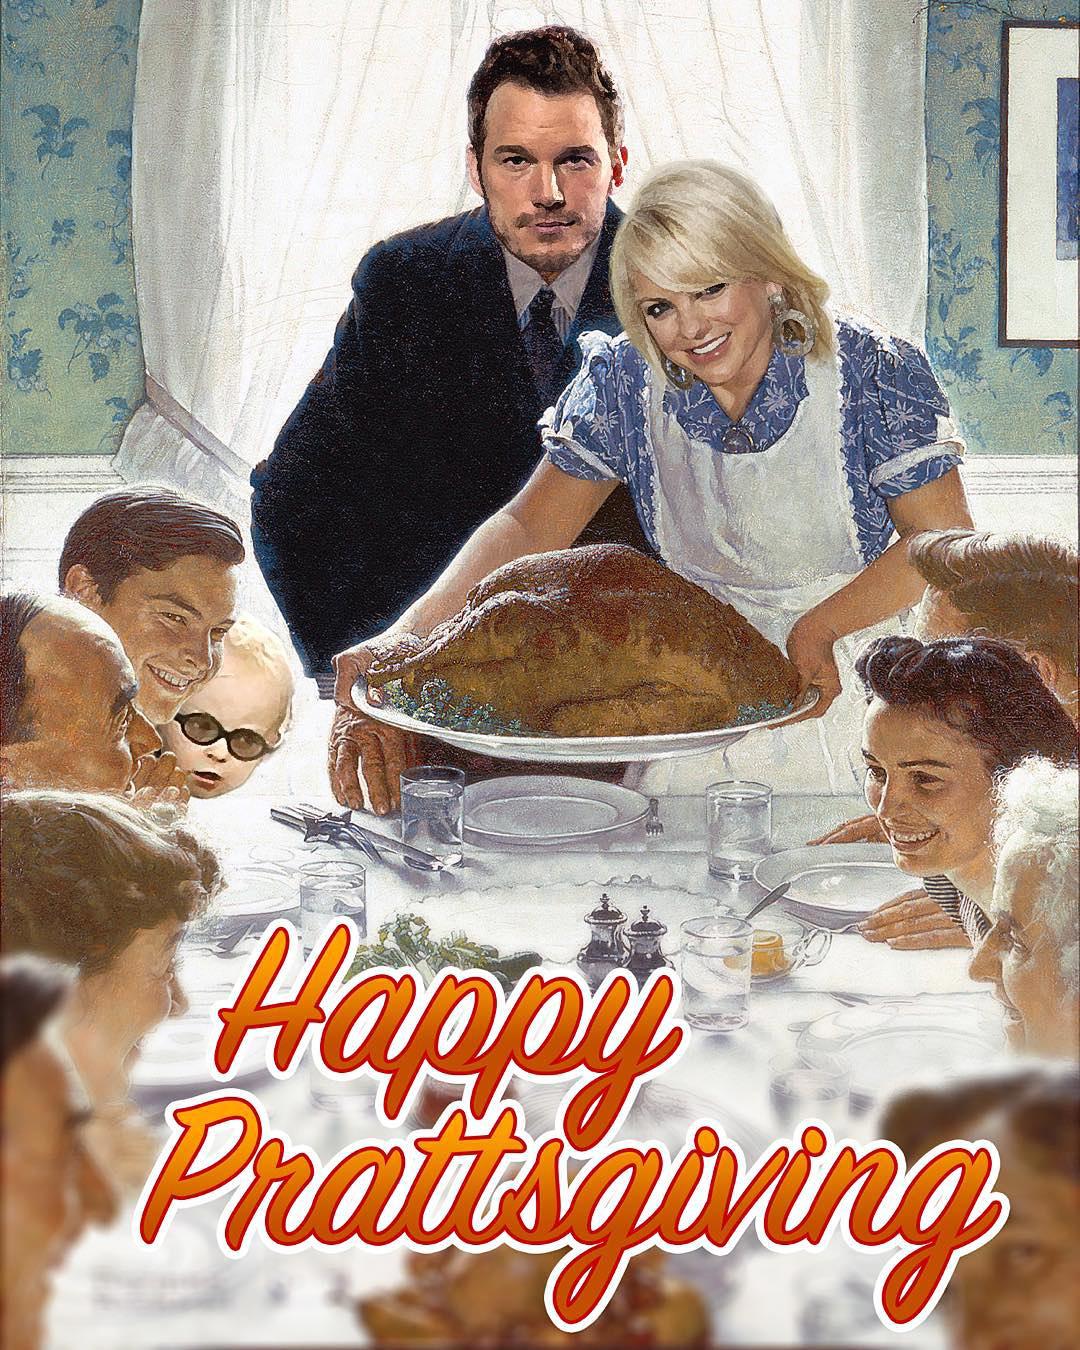 chris-pratt-anna-faris-funny-thanksgiving-instagram-0716.jpg